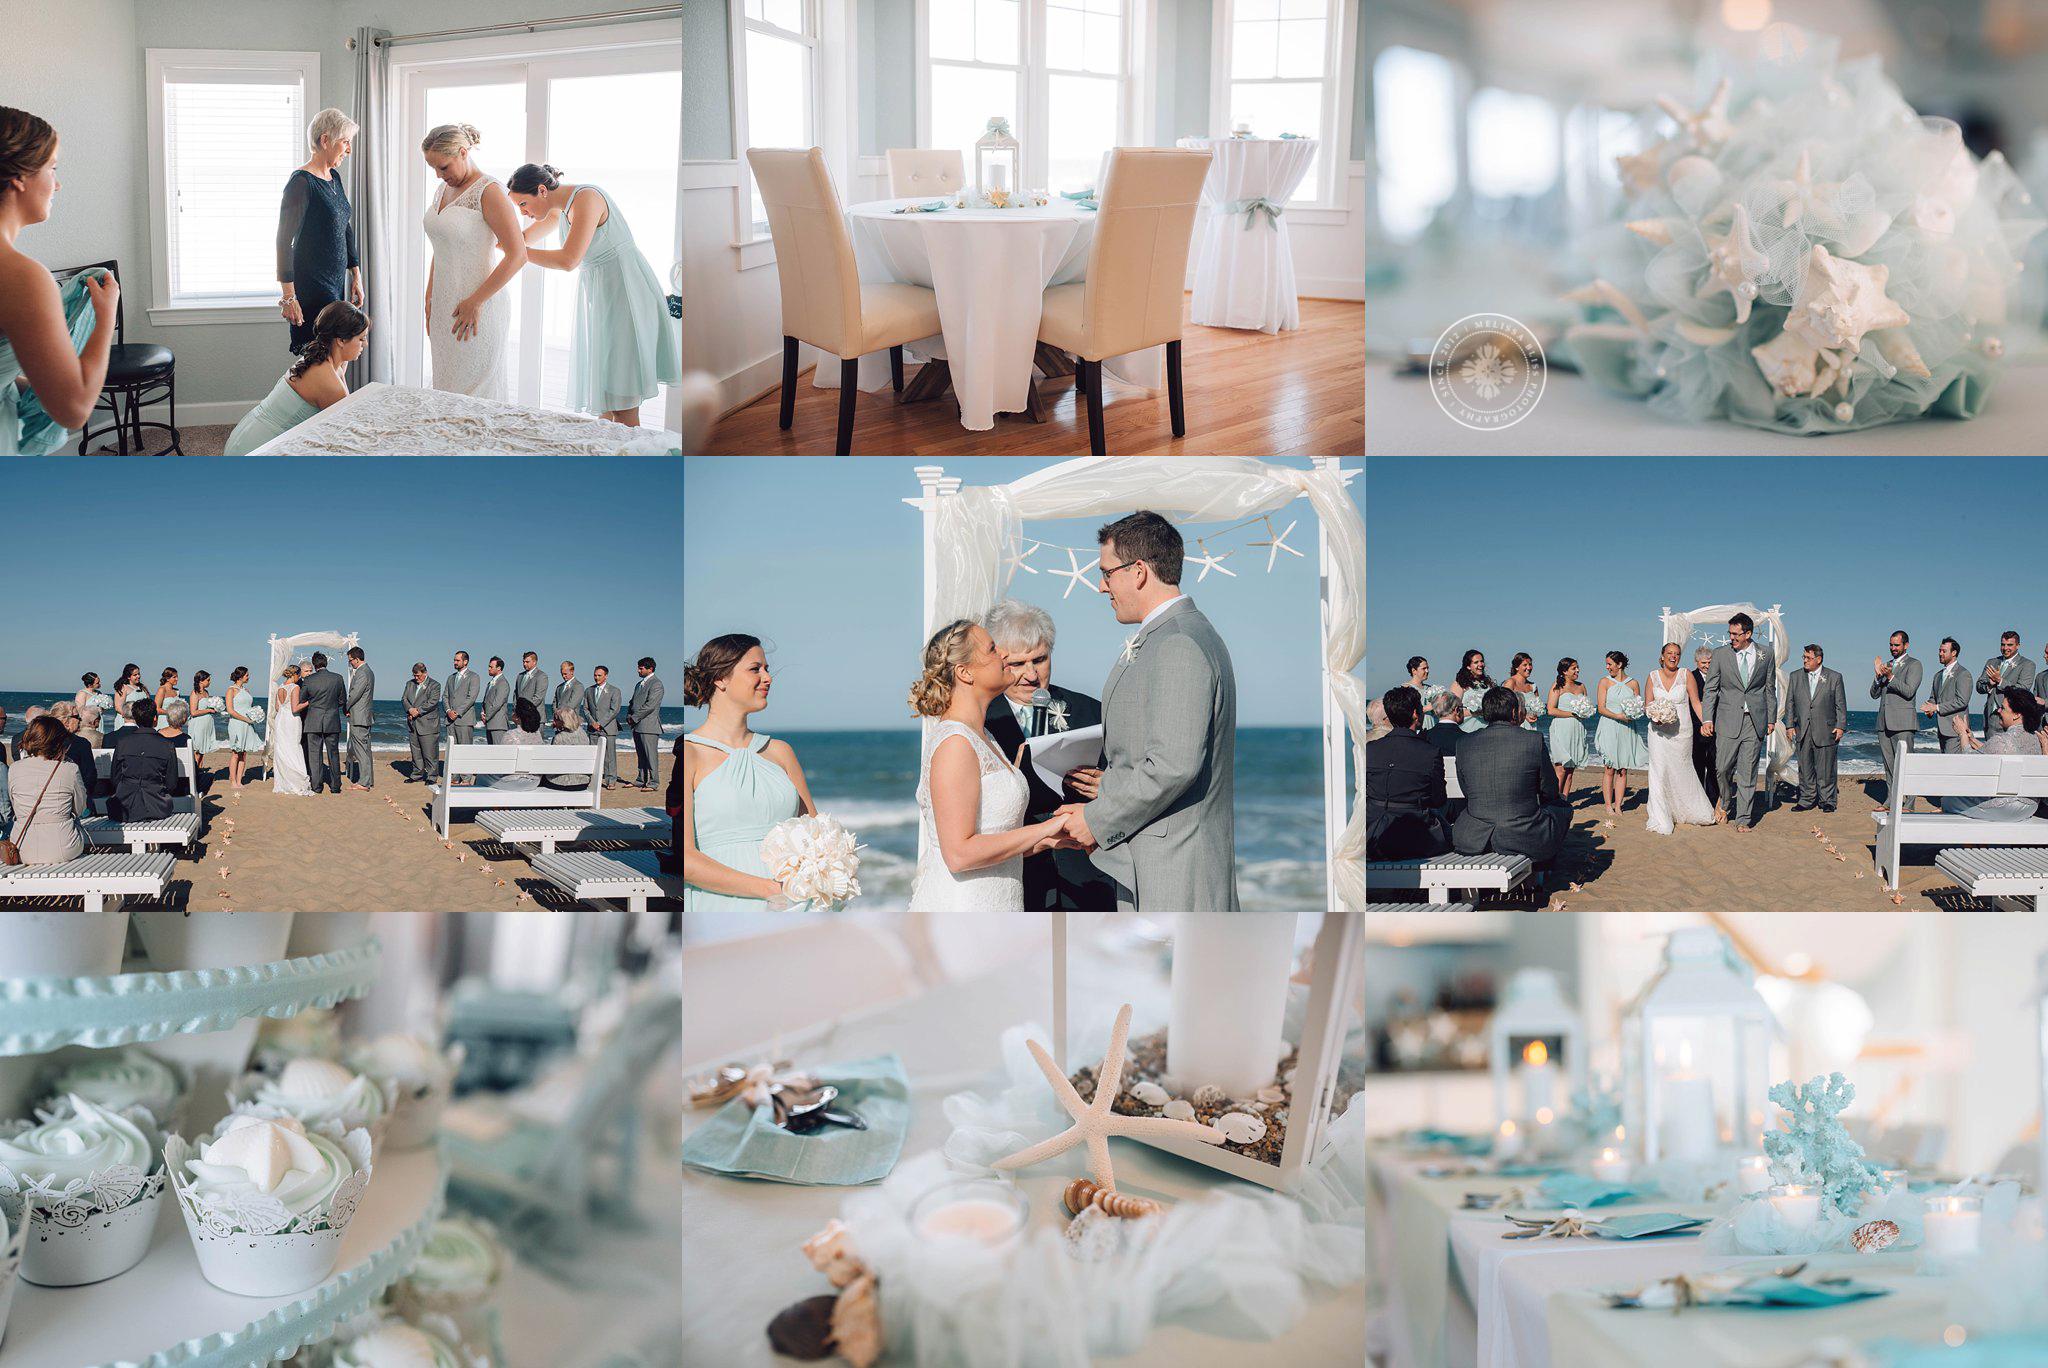 sandbridge-beach-wedding-photographers-virginia-beach-wedding-photographer-melissa-bliss-photography